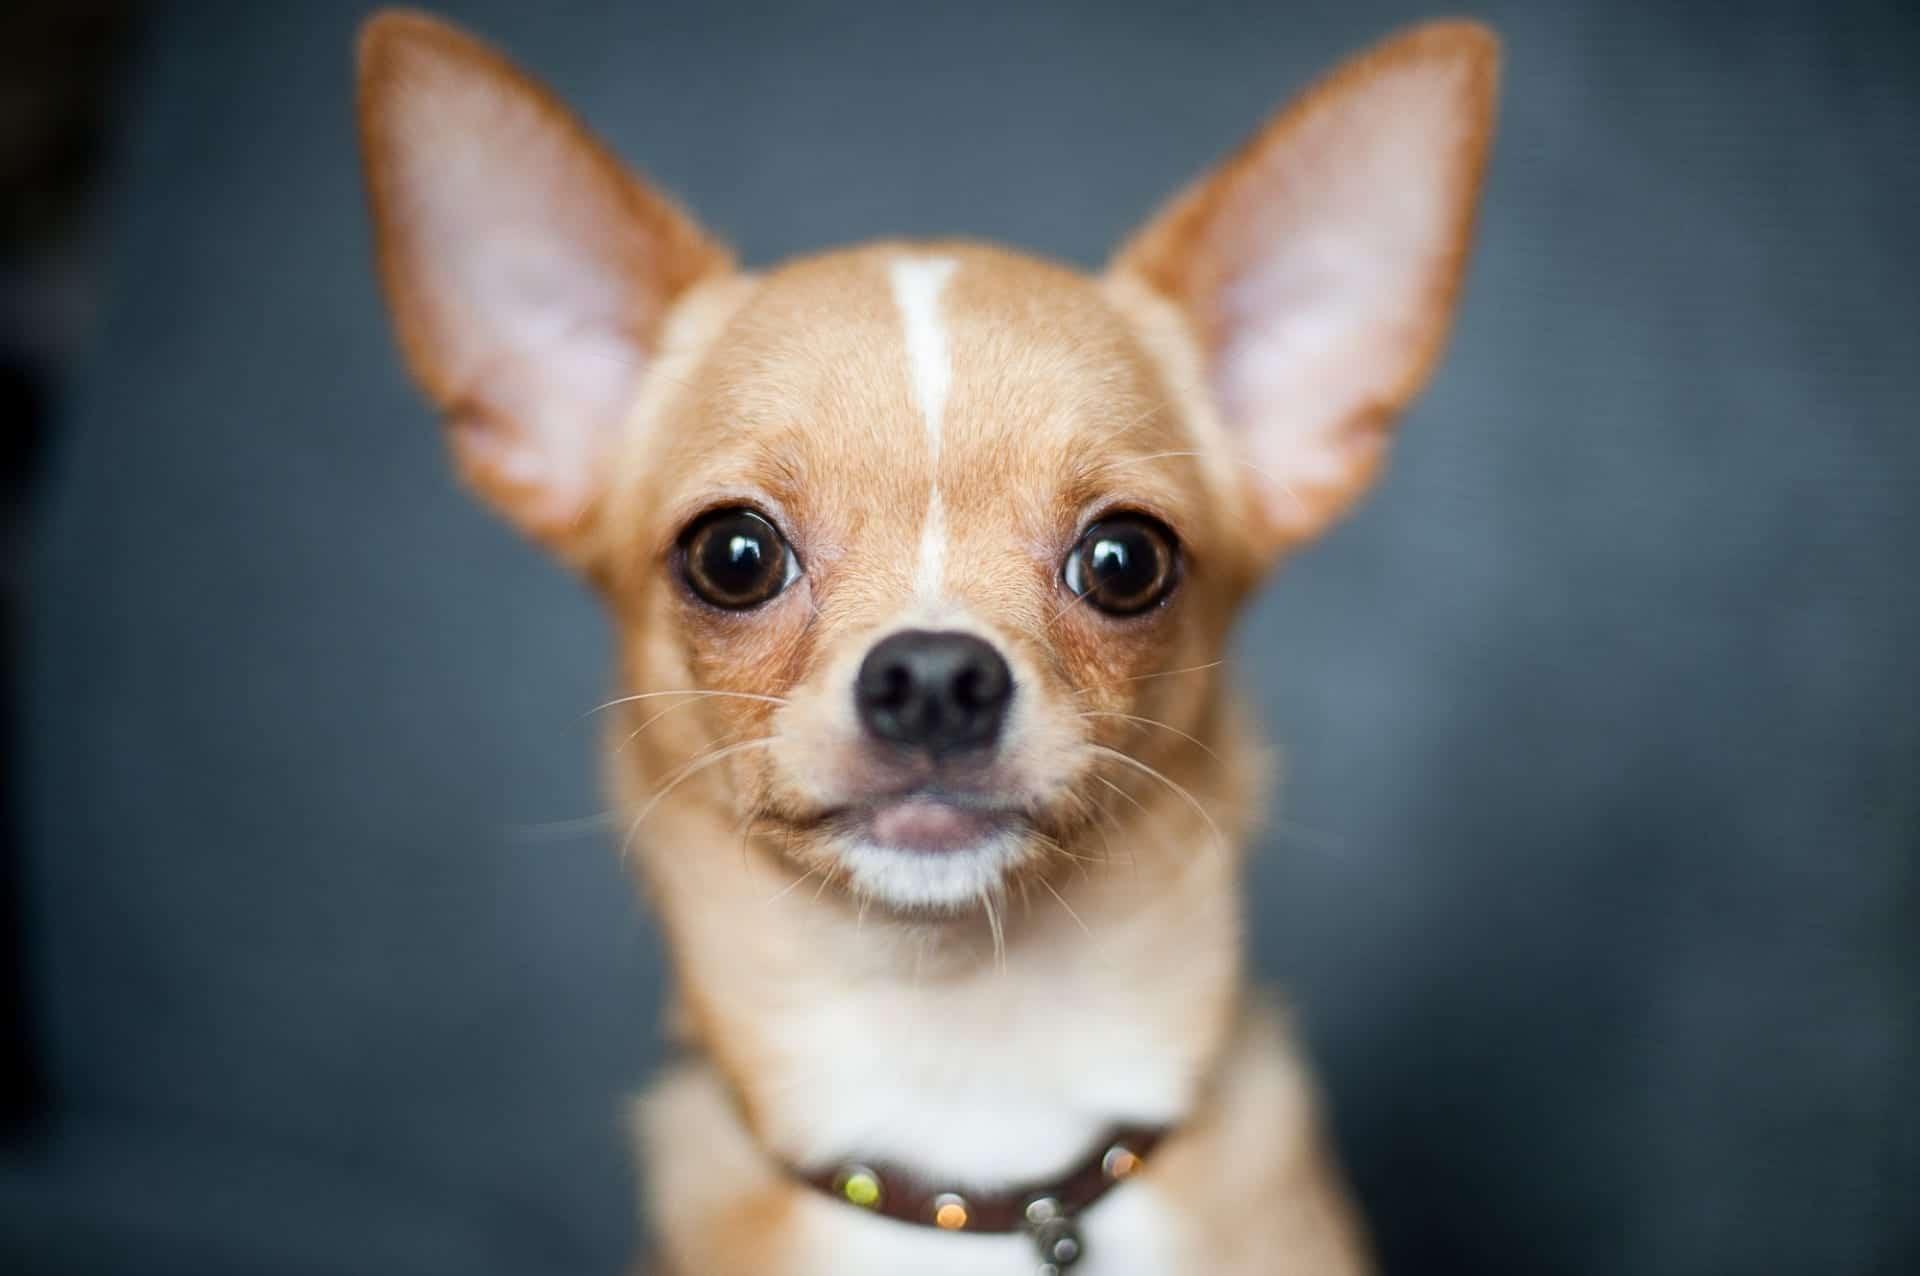 El chihuahua es el perro más pequeño del mundo